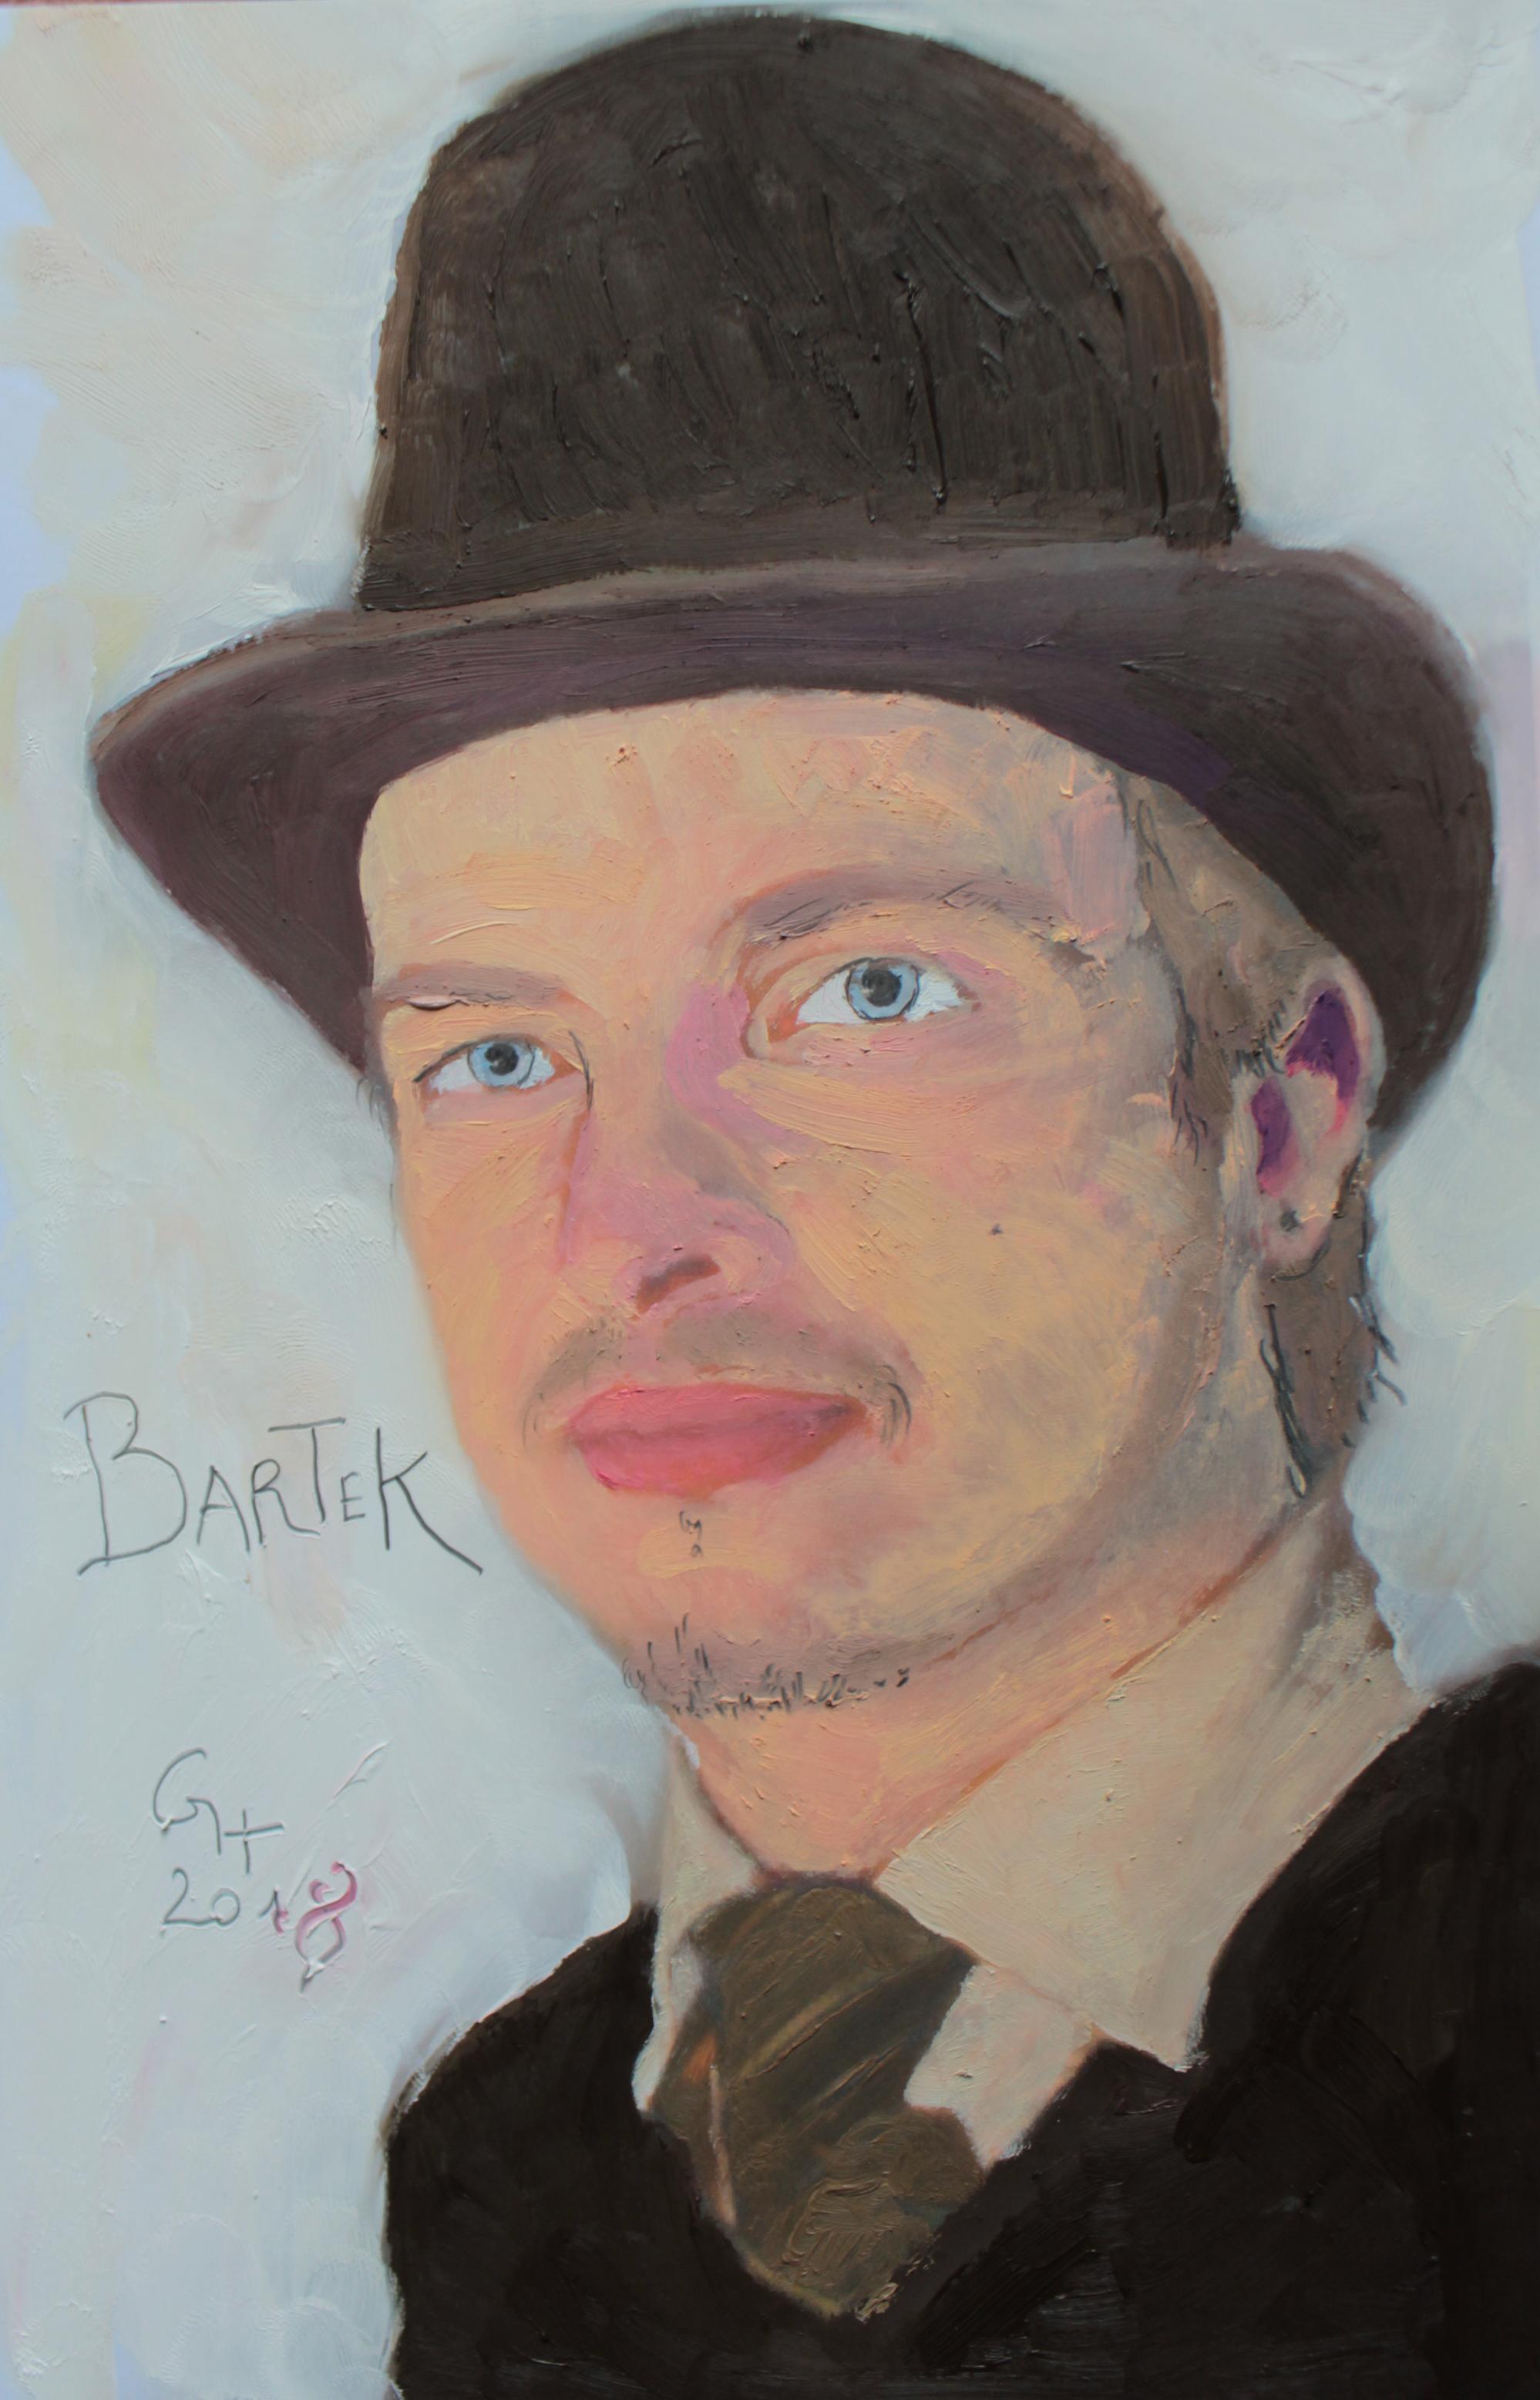 Bartek_-_Grégory_Huck